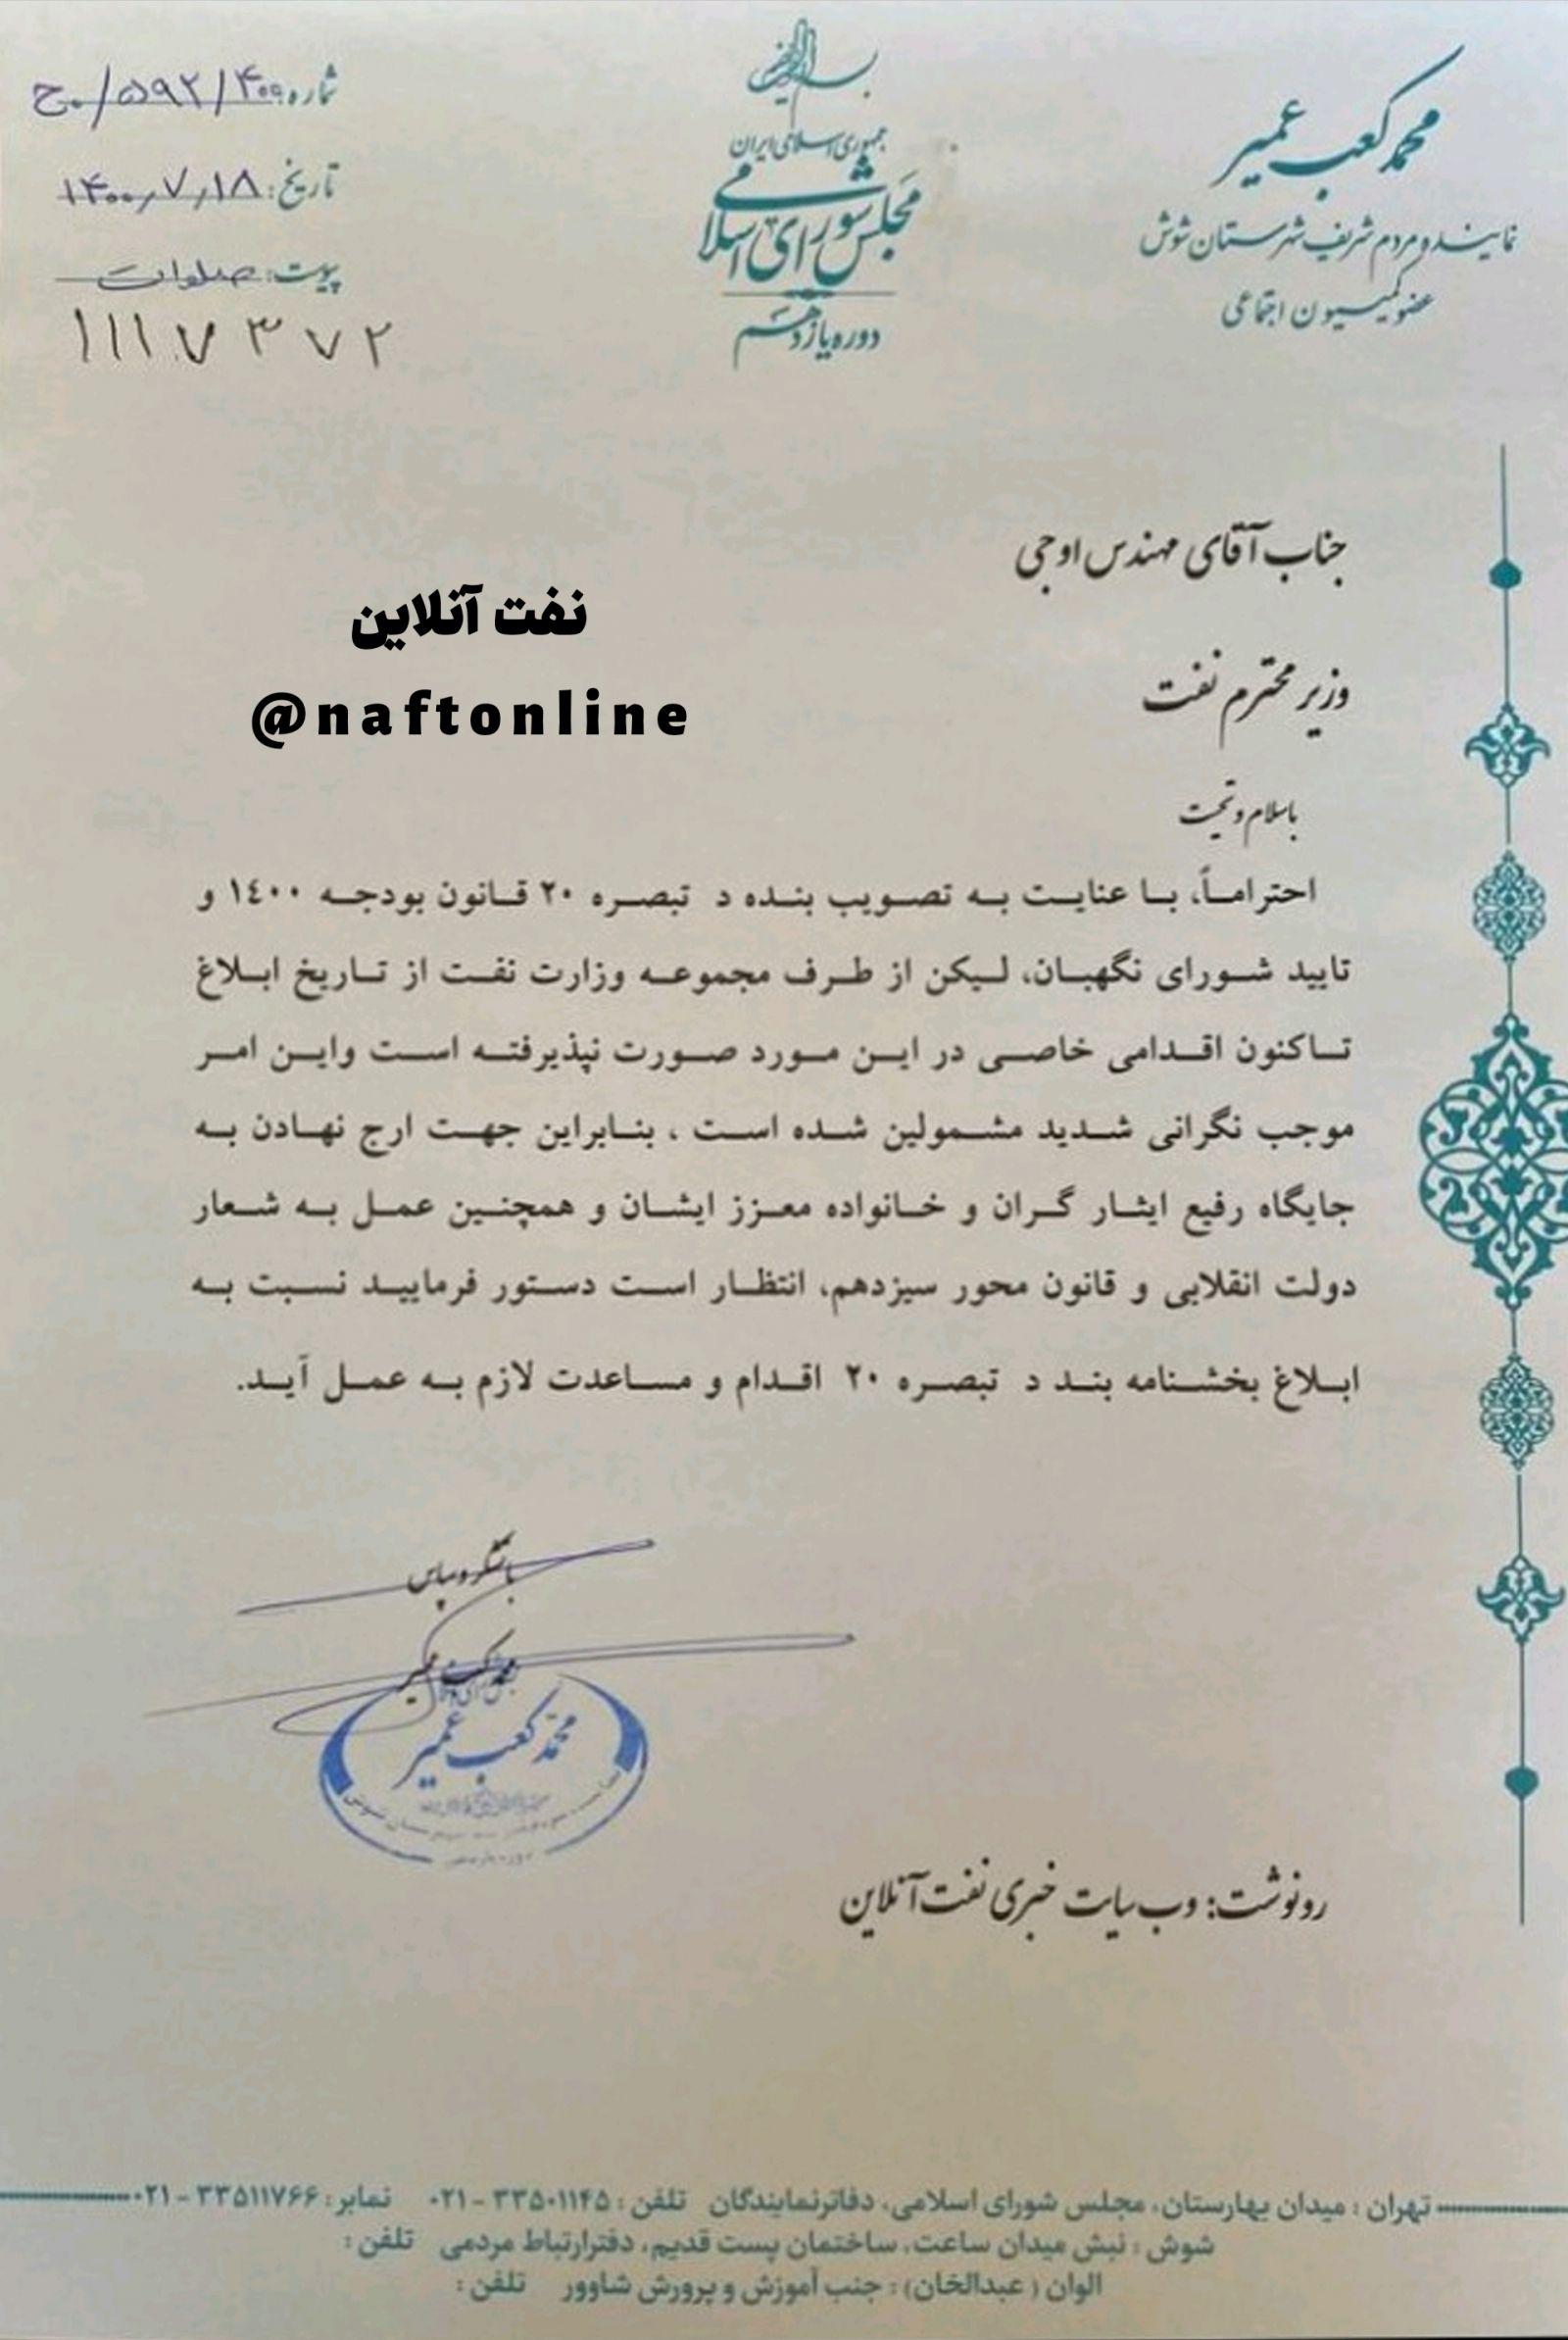 محمد کعب عمیر جواد اوجی نفت